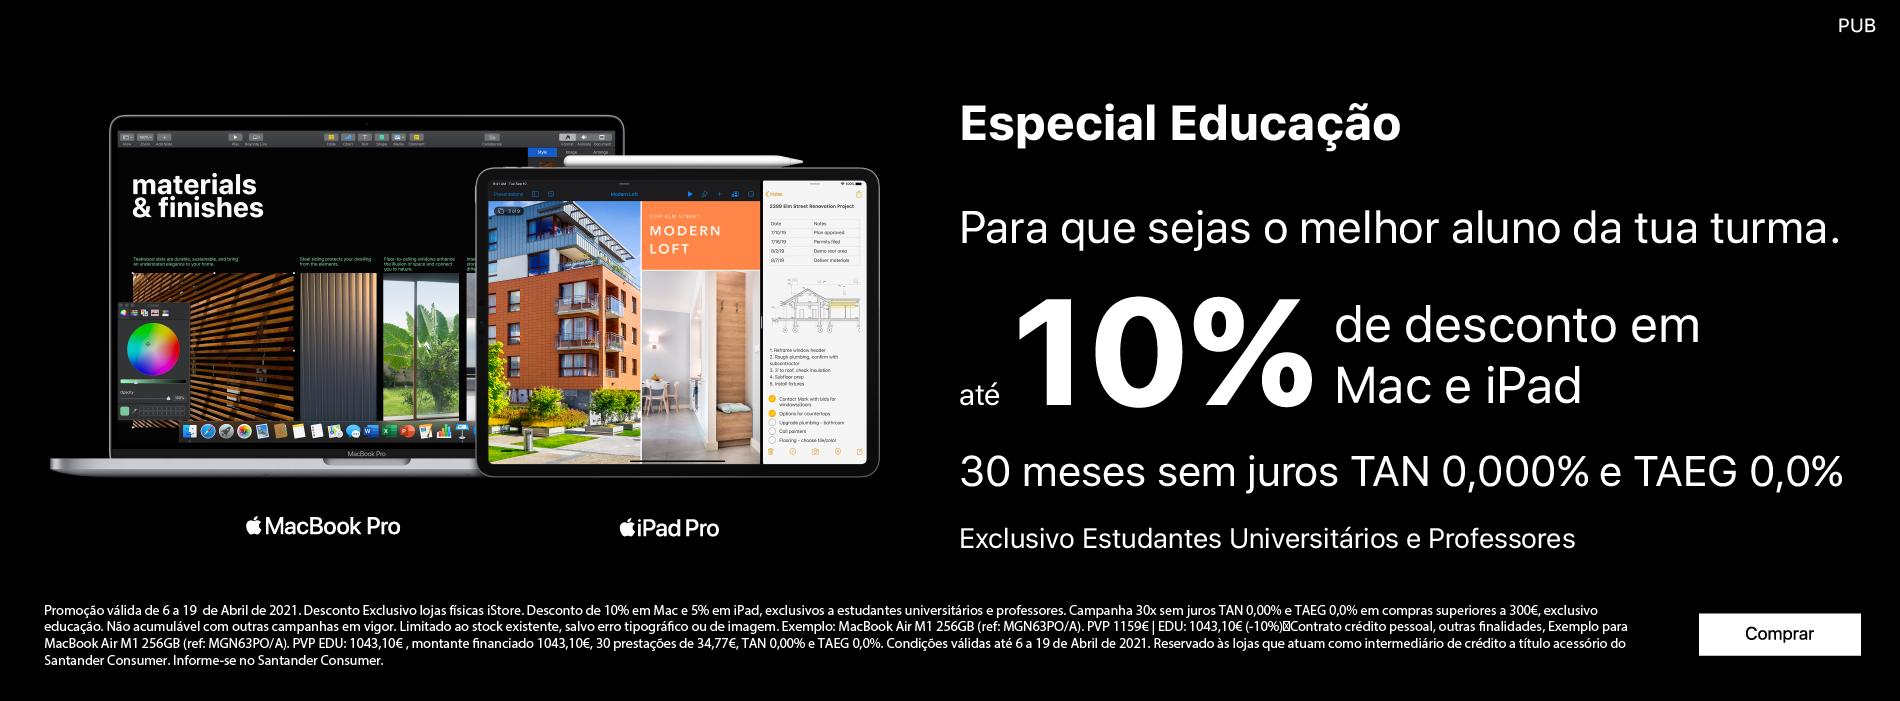 Homepage Slideshow - Desconto Educação